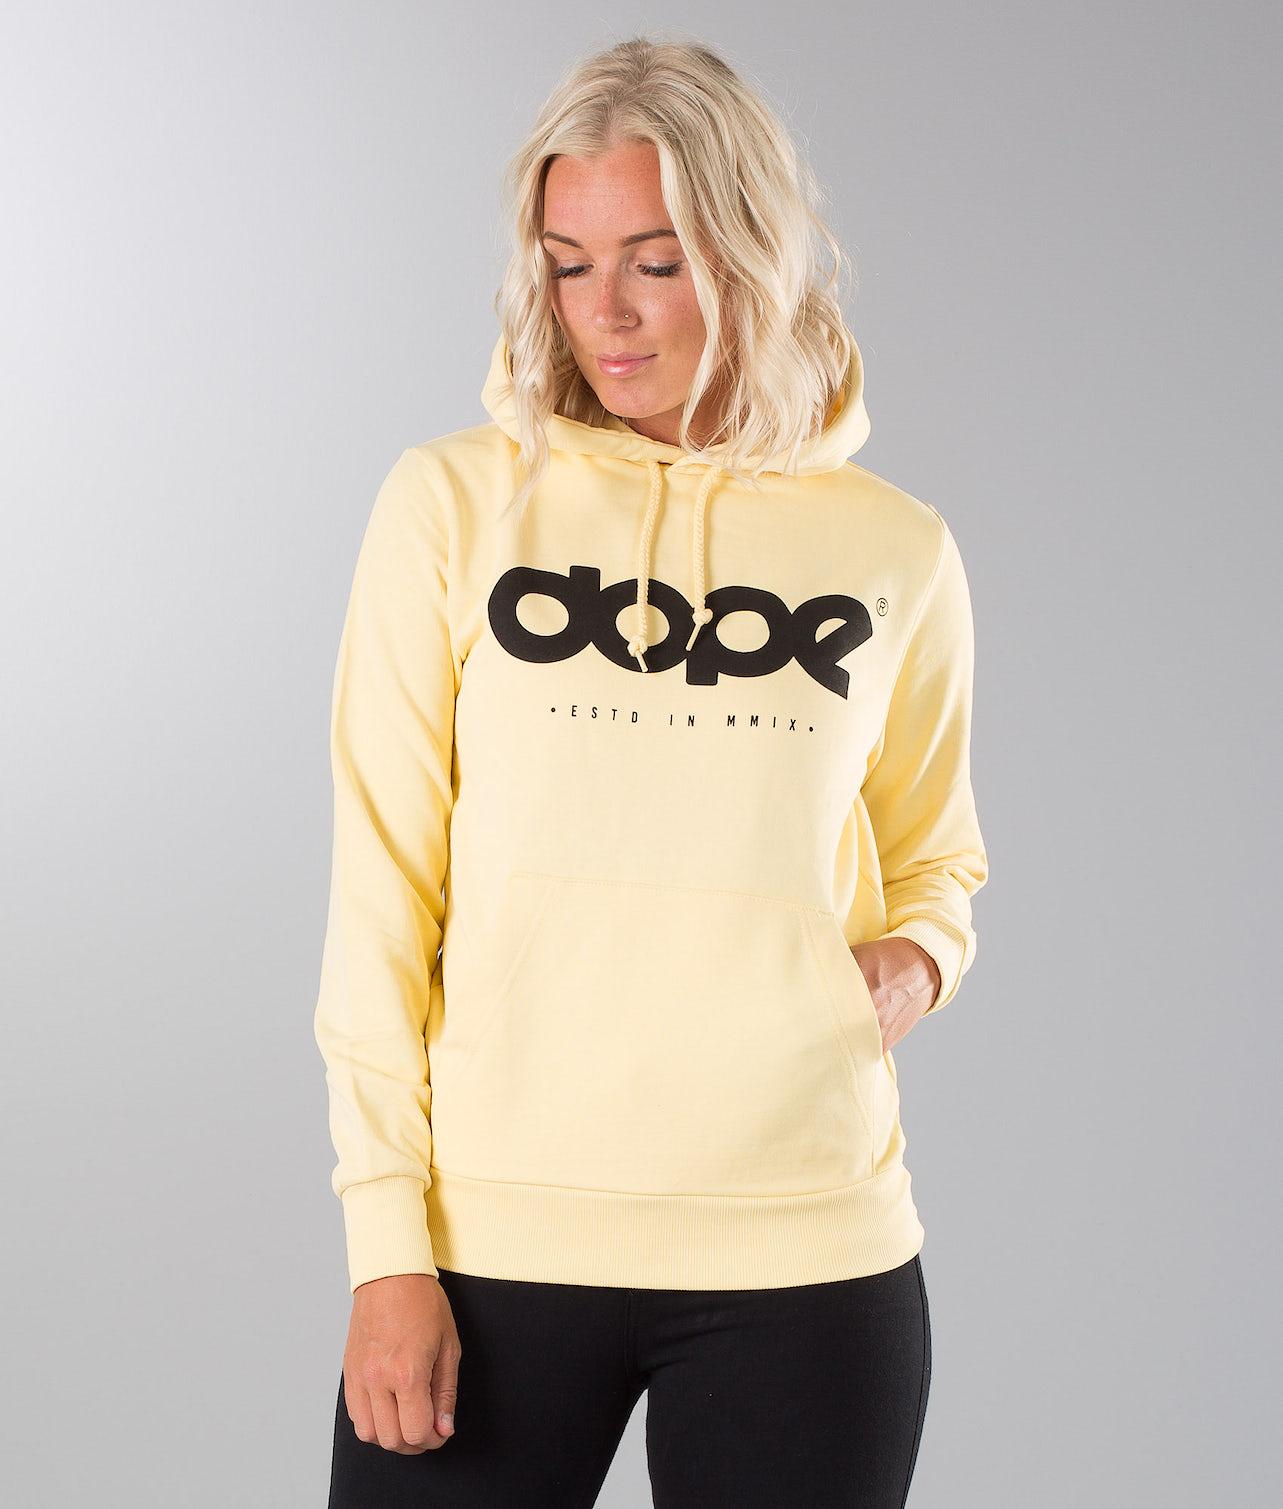 Köp OG Logo Copain Hood från Dope på Ridestore.se Hos oss har du alltid fri frakt, fri retur och 30 dagar öppet köp!